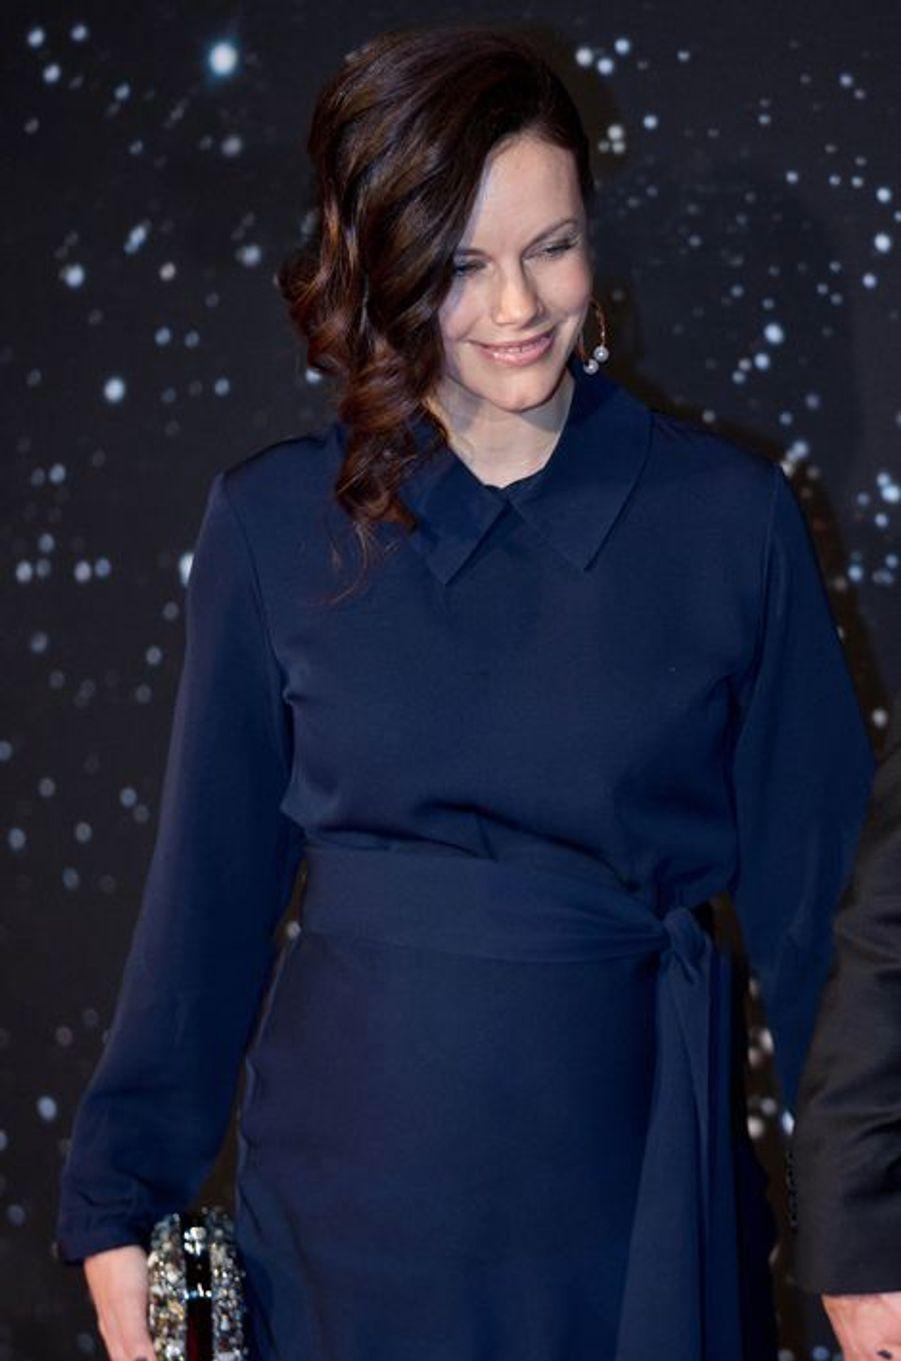 La princesse Sofia de Suède au Gala des sports à Stockholm, le 25 janvier 2016